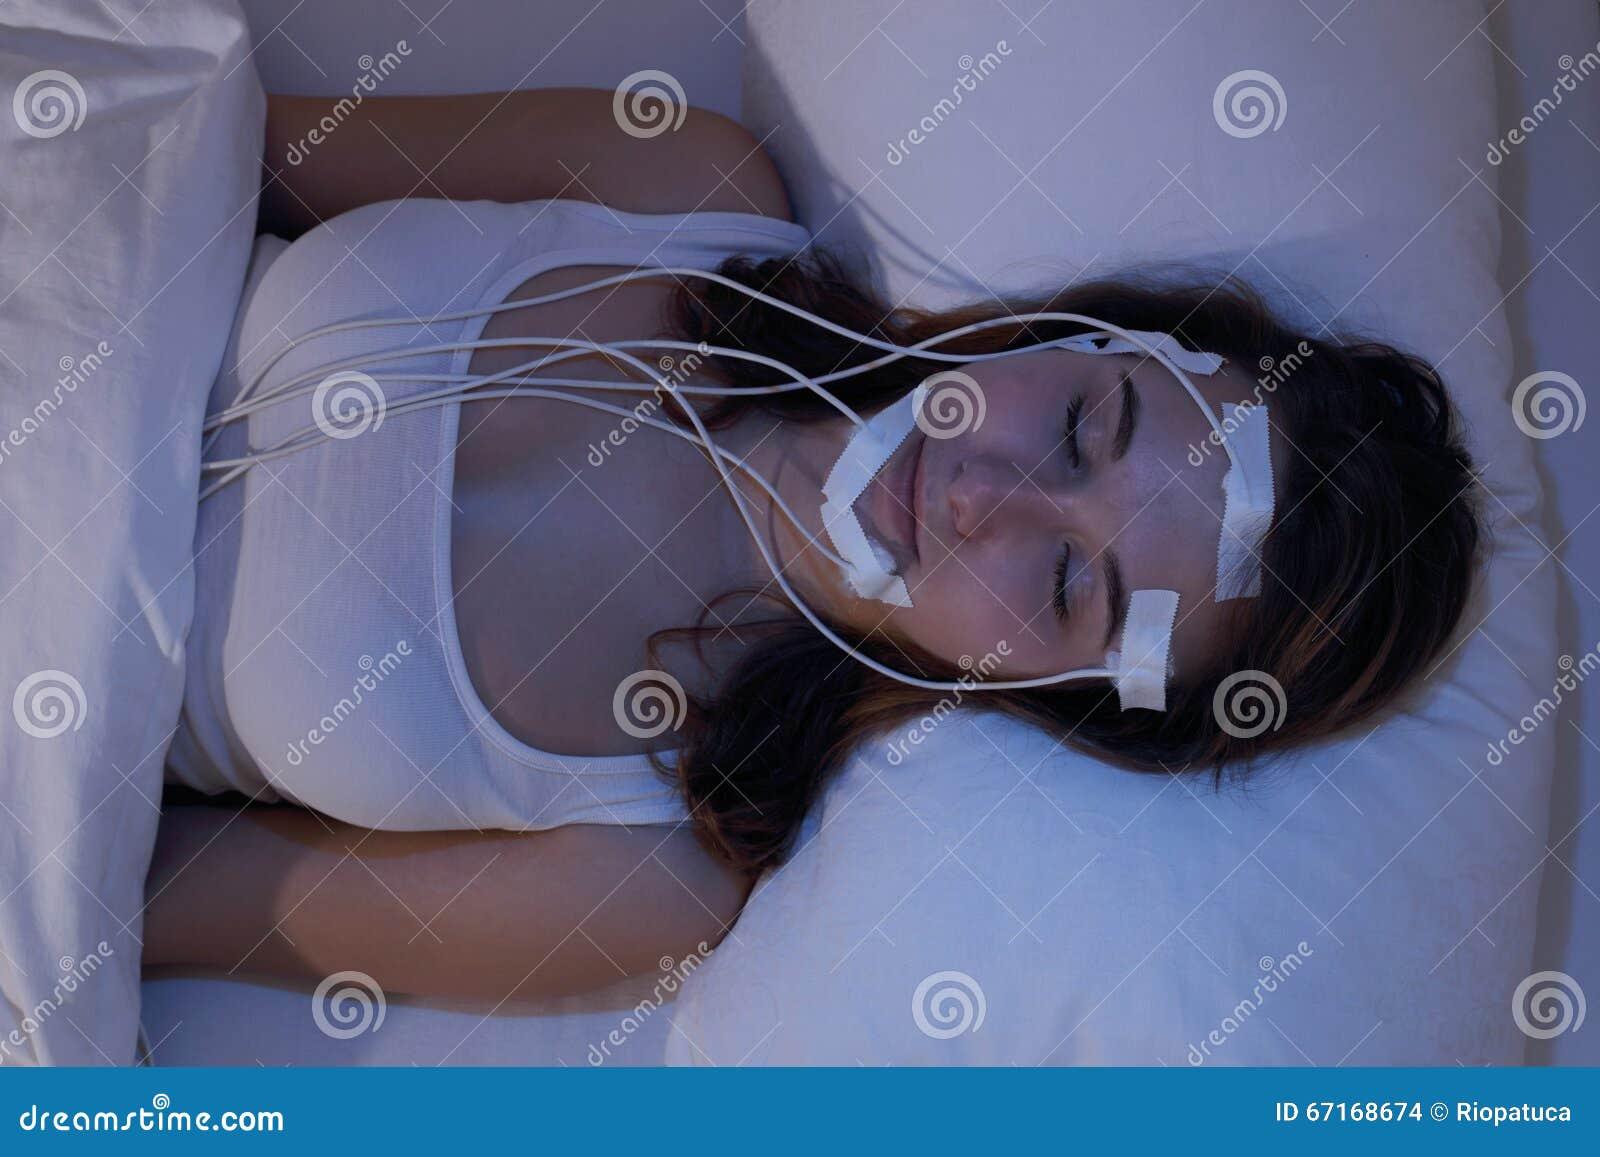 Woman asleep measering brainwaves eg in a Sleep Lab